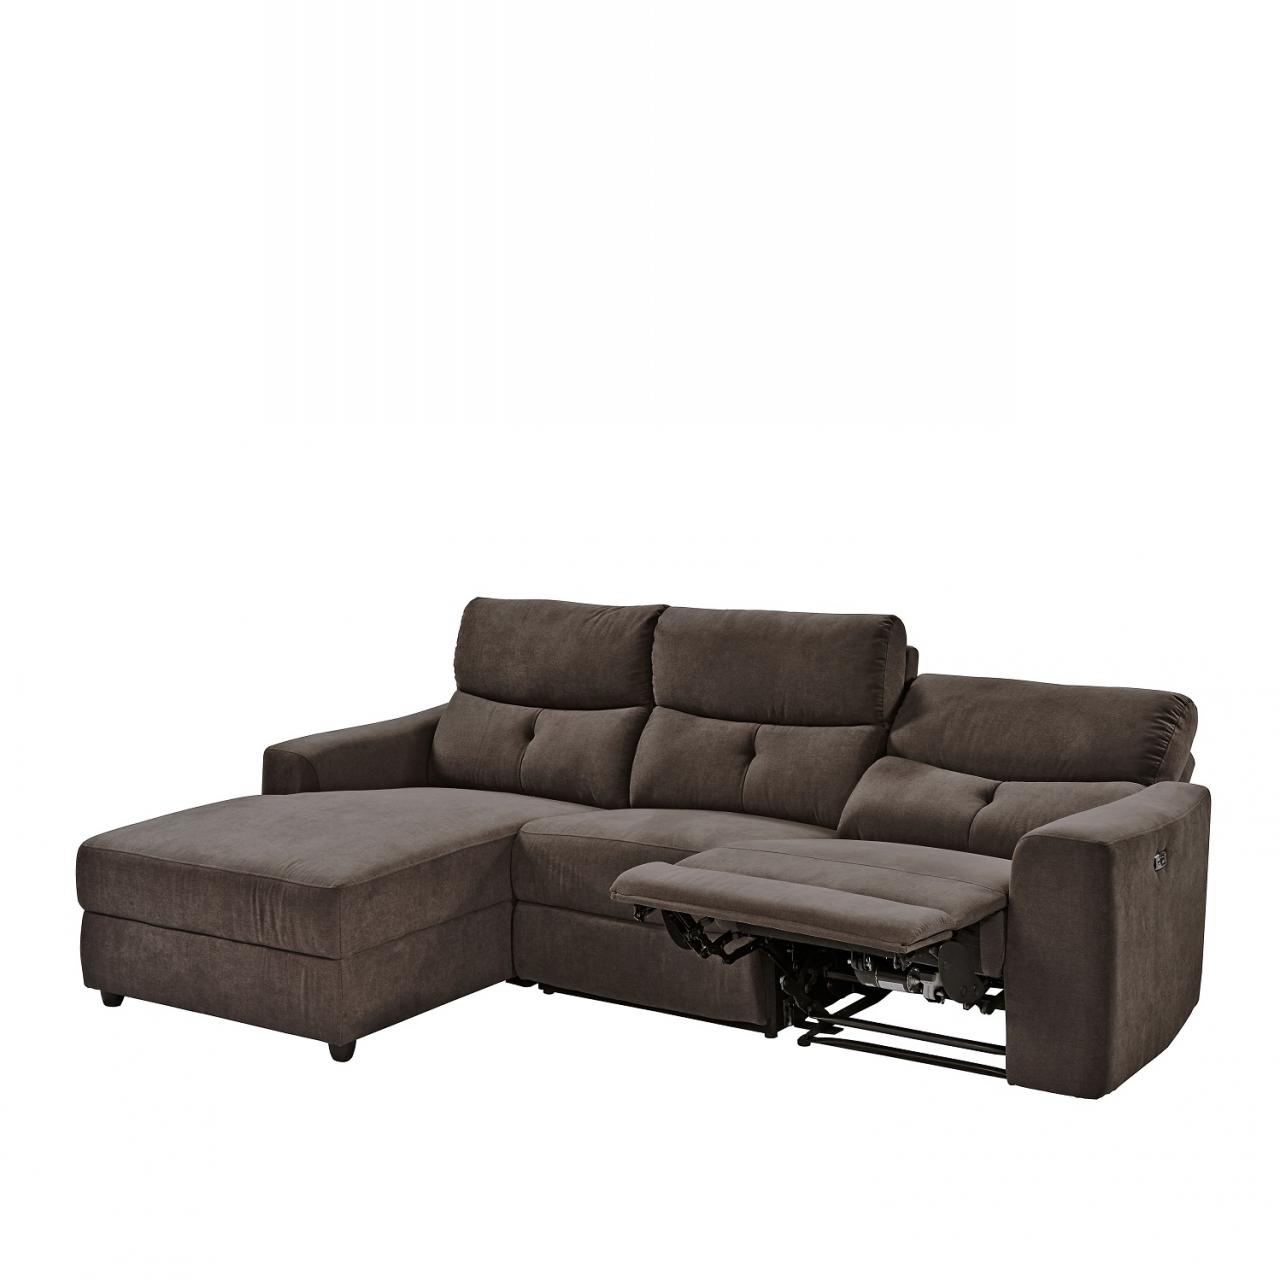 Full Size of Sofa Stoff Grau Meliert Couch Reinigen Sofas 3er Chesterfield Kaufen Big Ikea Grober Fm 3022 Mit Relaxfunktion Polstergarnitur L Für Esszimmer Luxus Online Sofa Sofa Stoff Grau